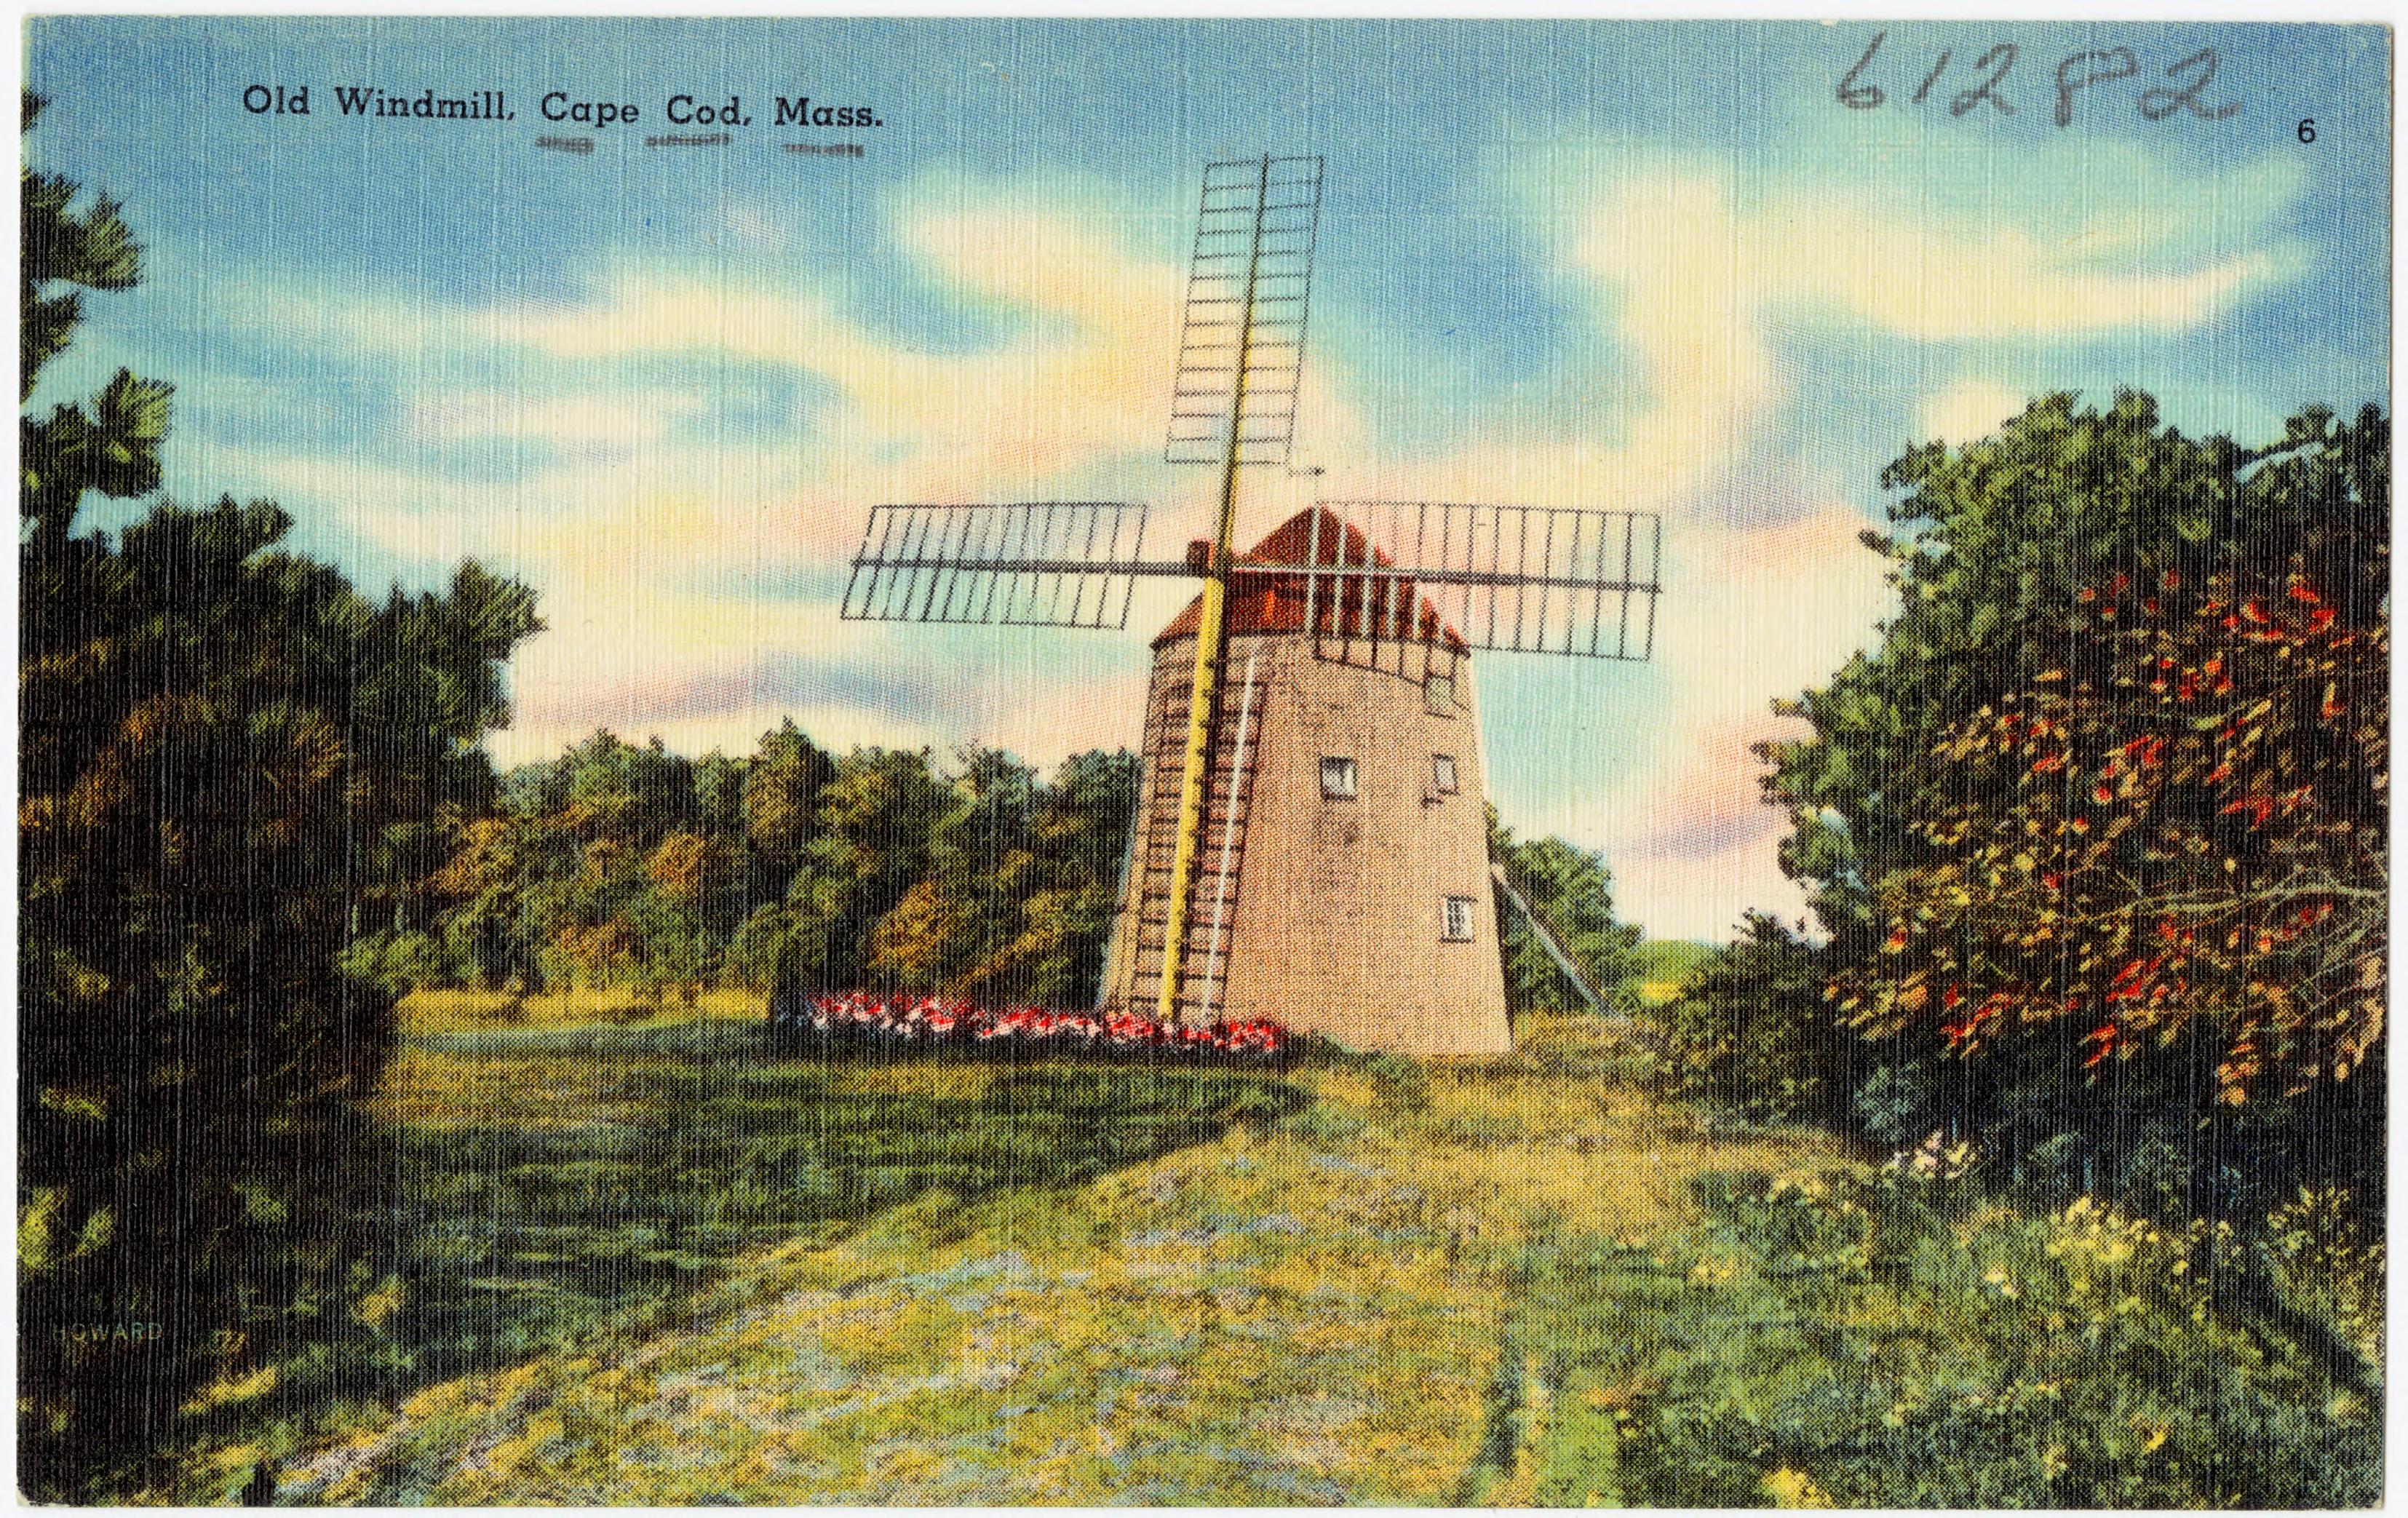 Windmill Cape Cod Part - 31: File:Old Windmill, Cape Cod, Mass (61282).jpg